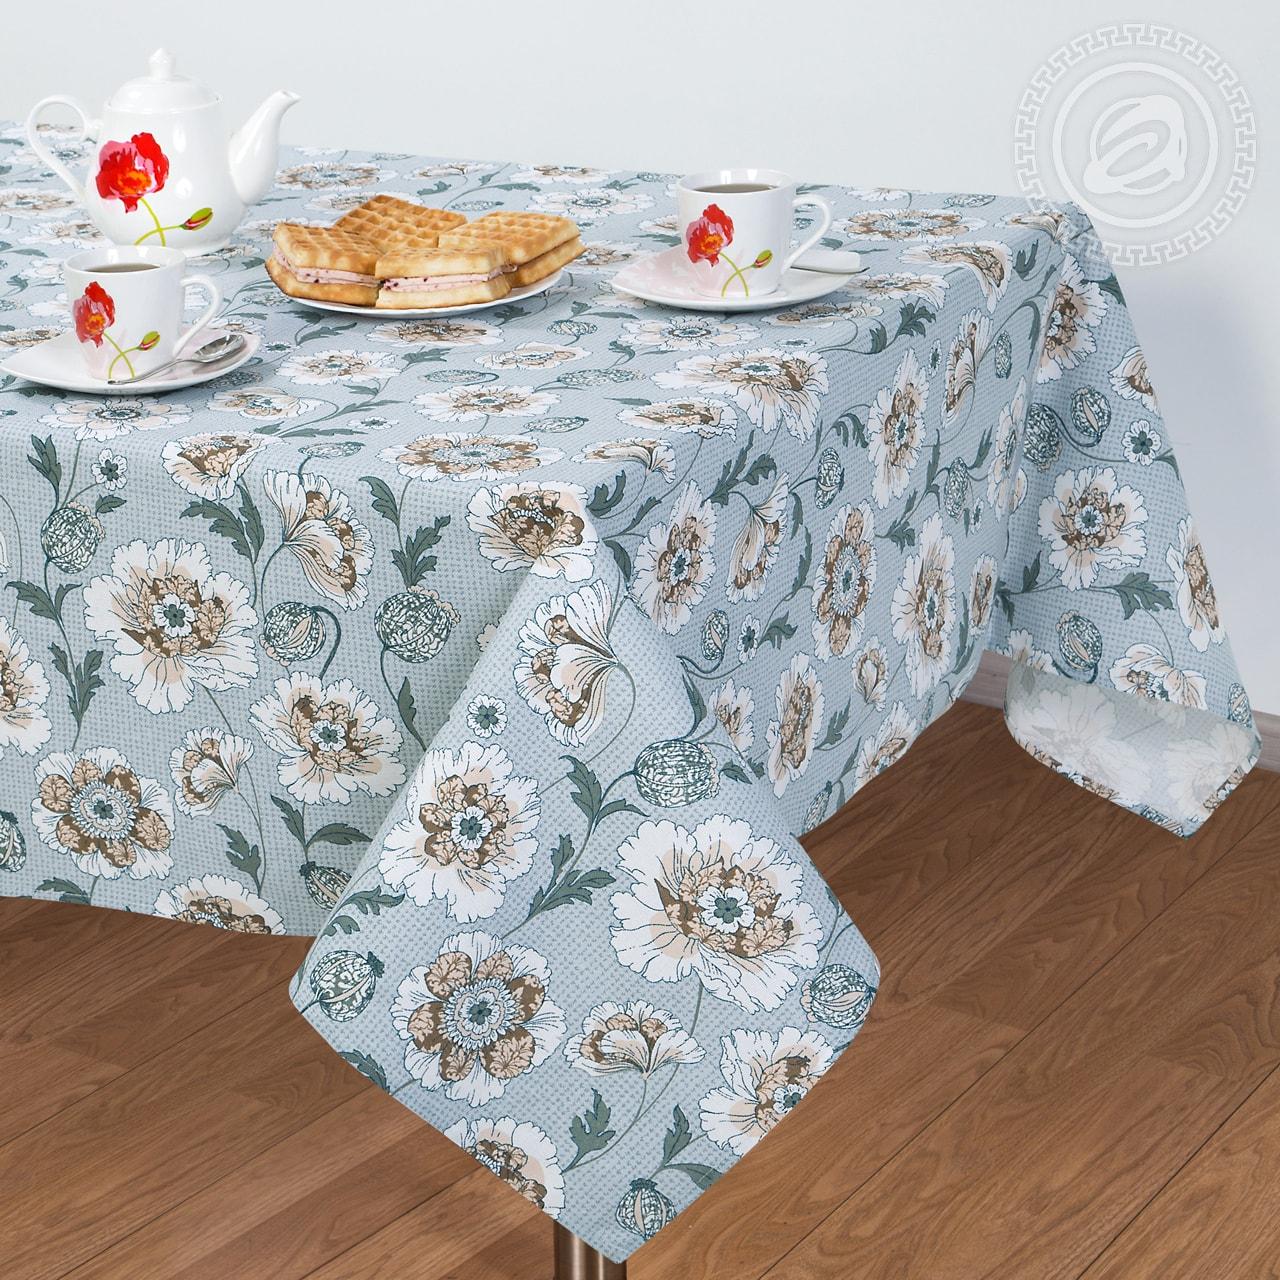 Кухонные принадлежности от Grandstock